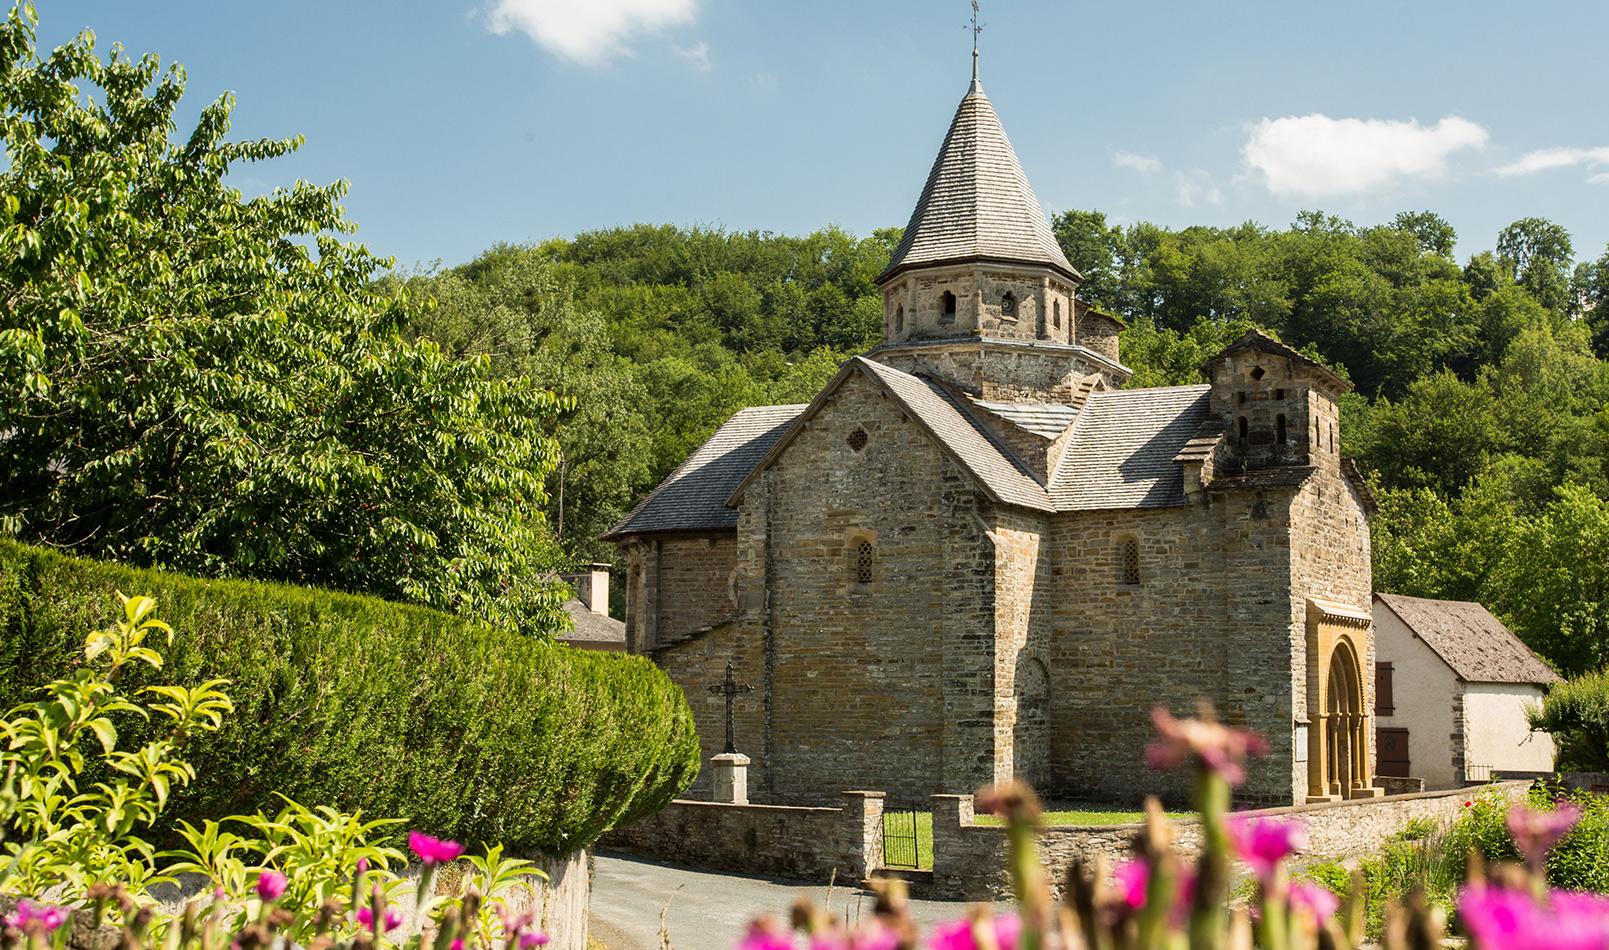 Église Romane de l'Hôpital-Saint-Blaise L'Hôpital-Saint-Blaise